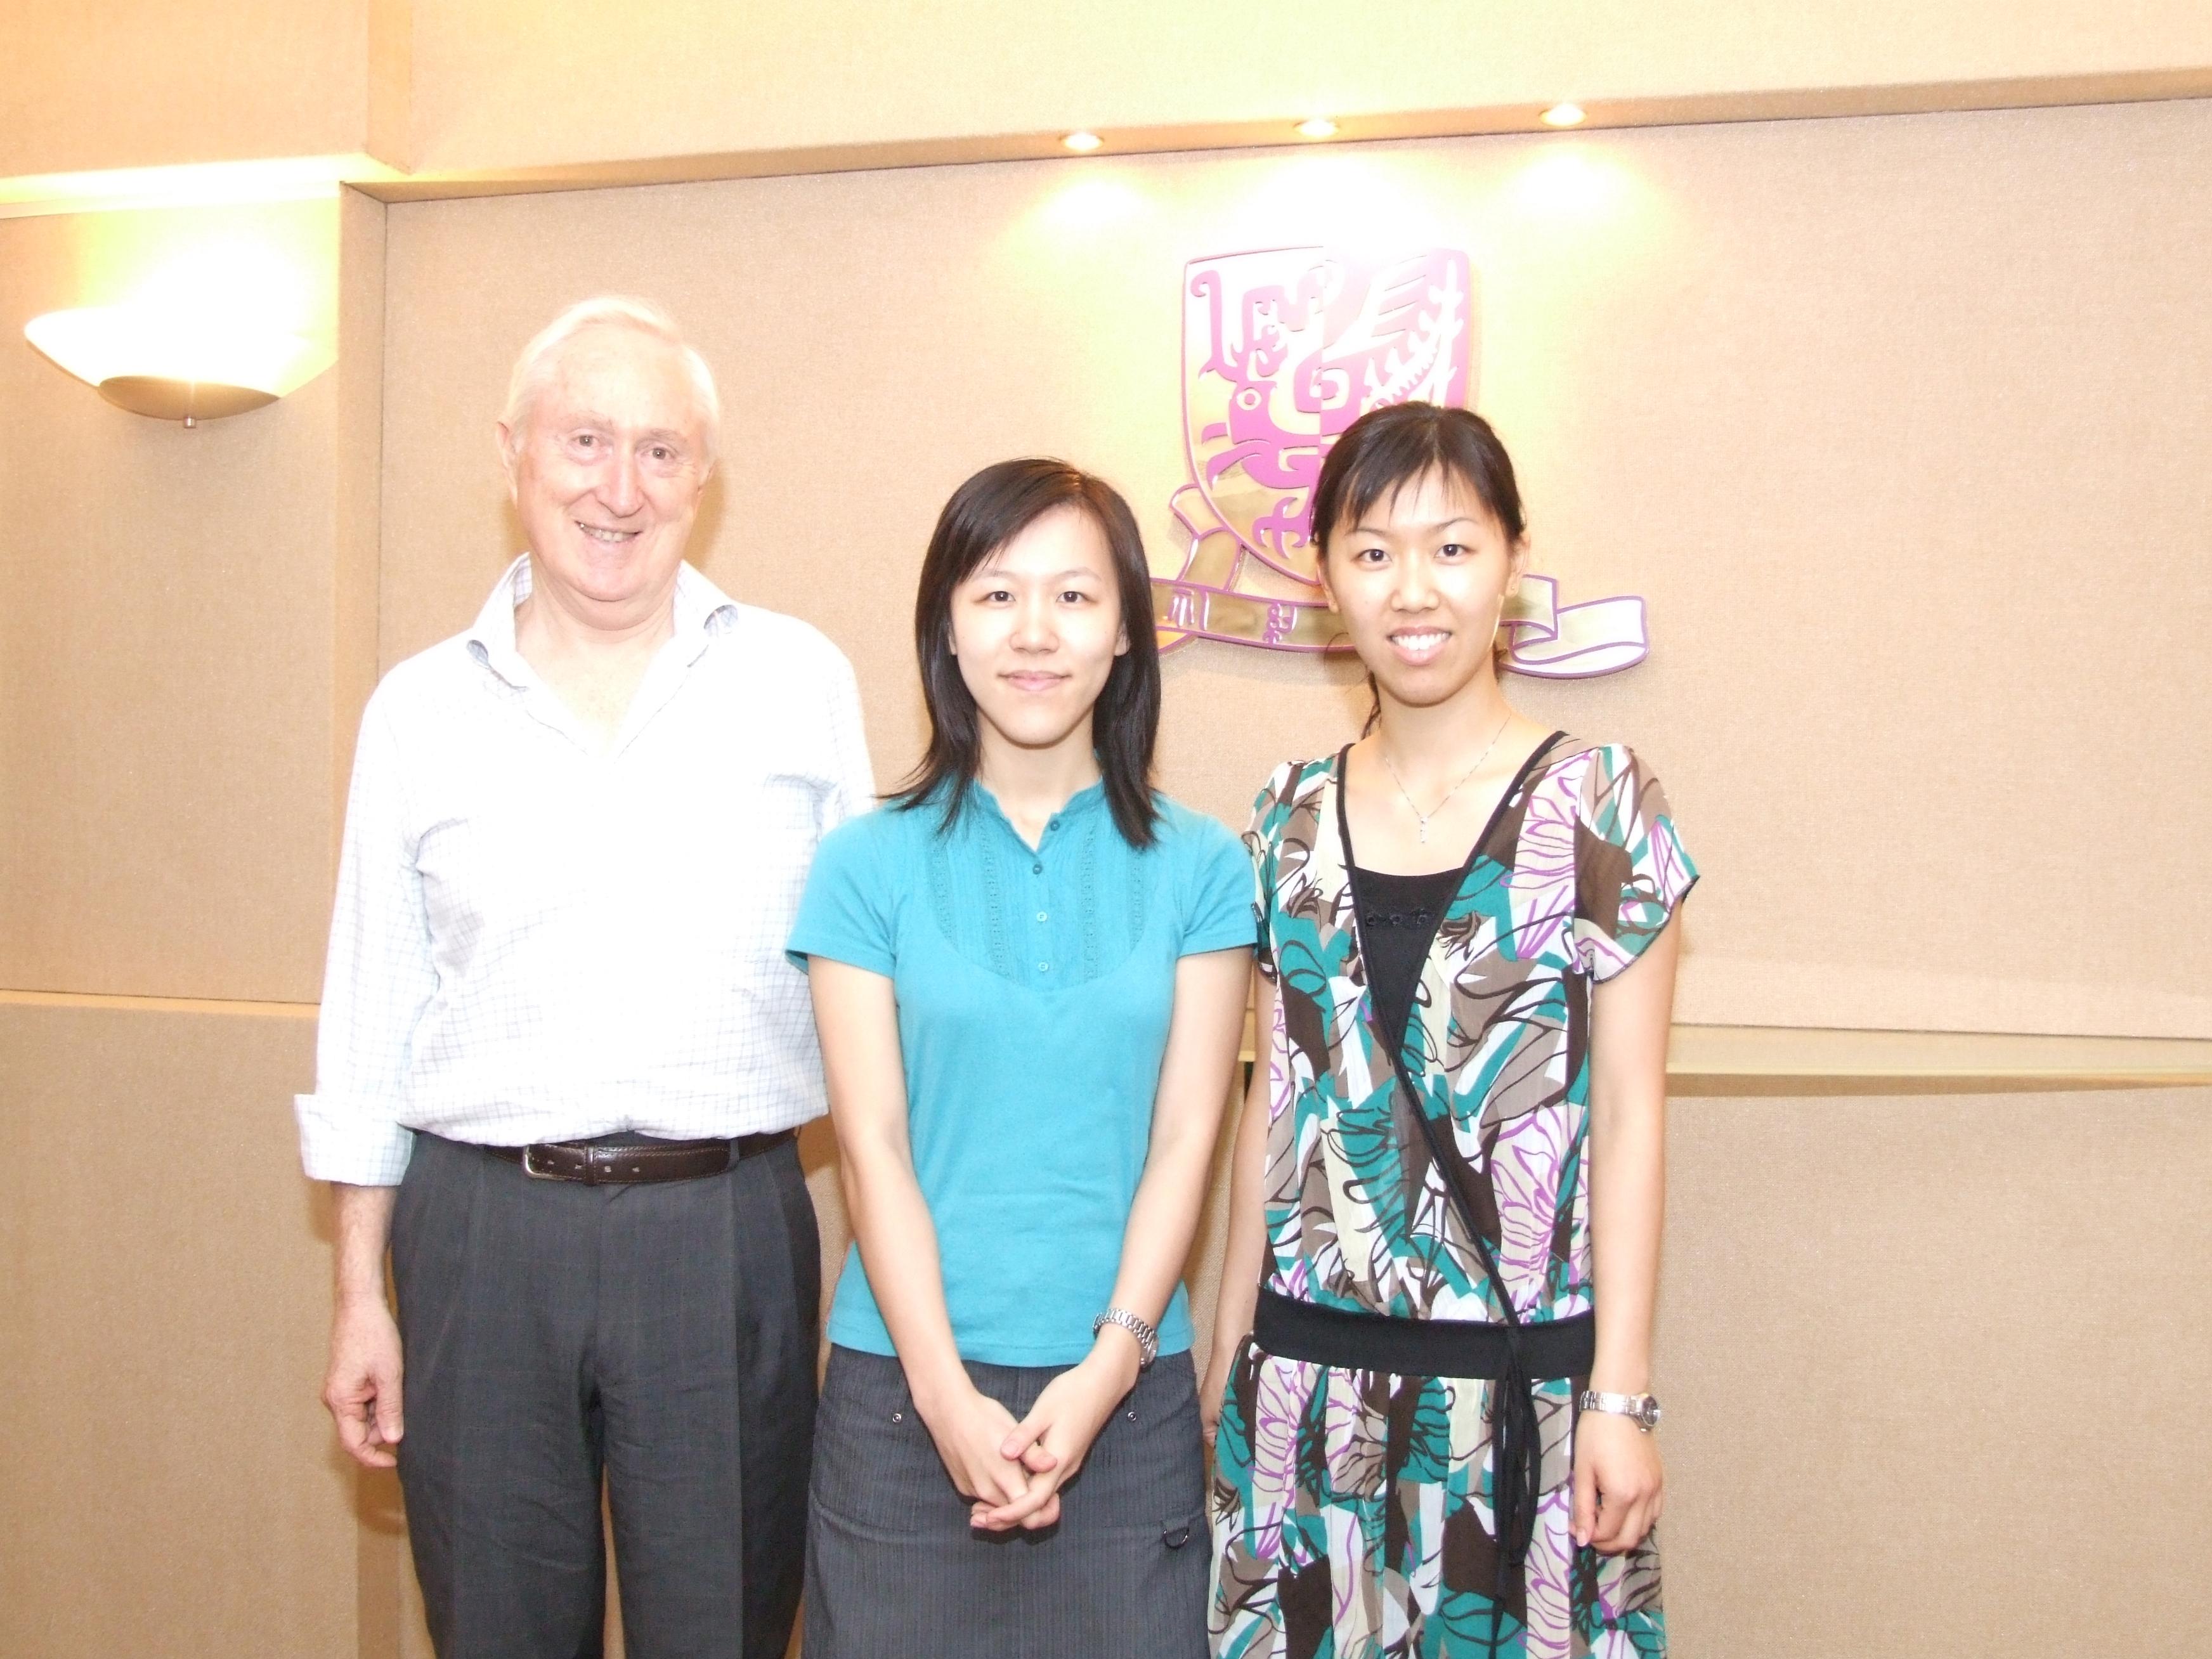 左起: 香港中文大学英文系系主任兼英文讲座教授David Parker教授 陈紫茵小姐 陈紫薇小姐